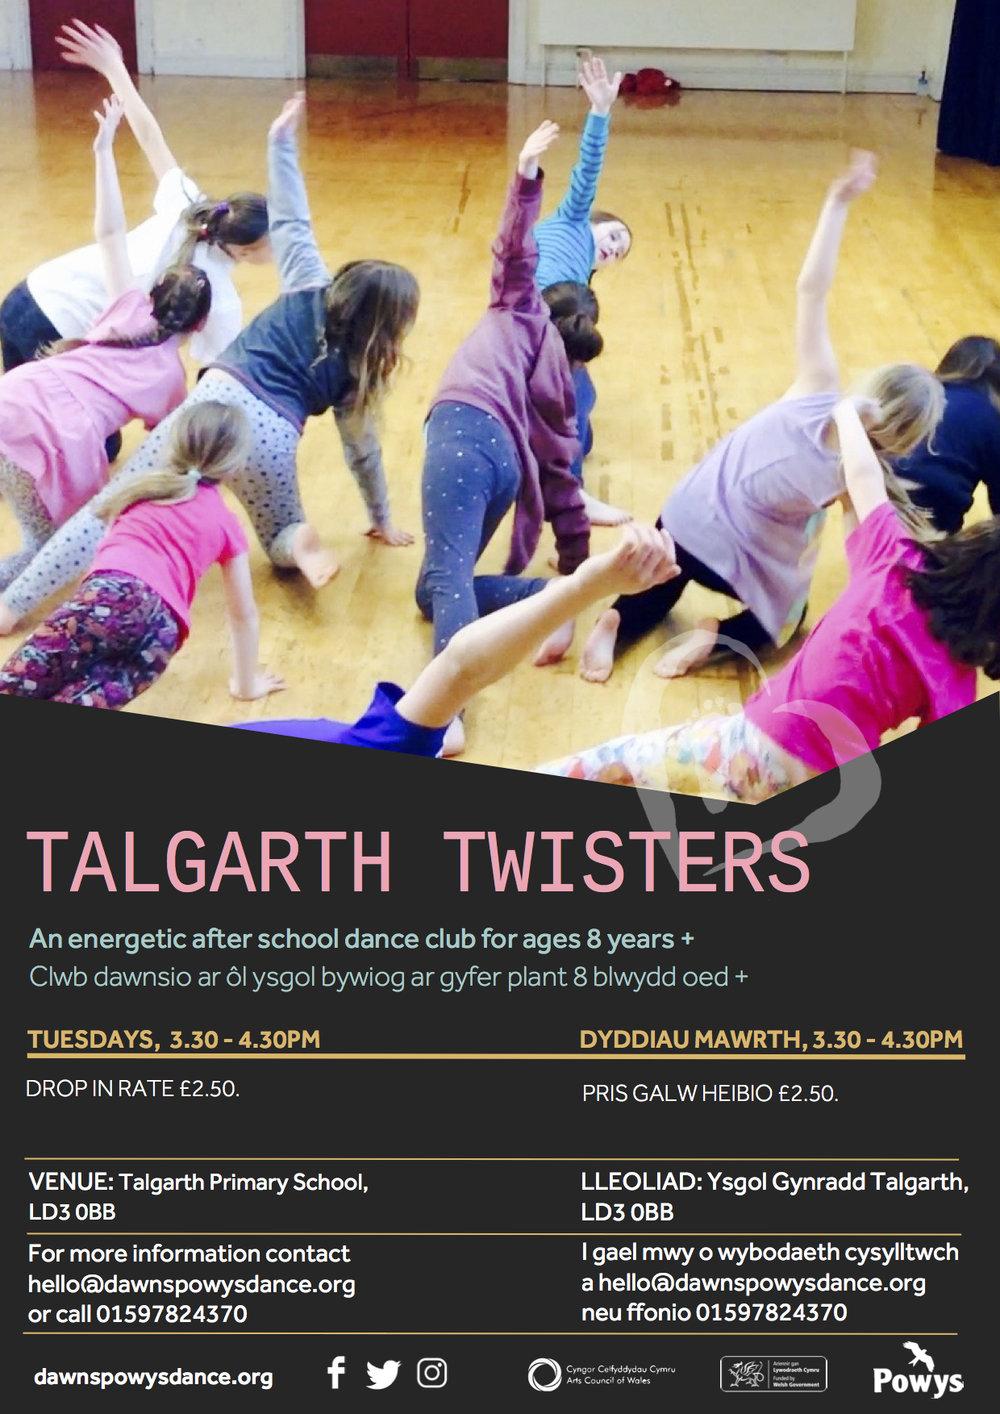 Talgarth Twisters 2017.jpg